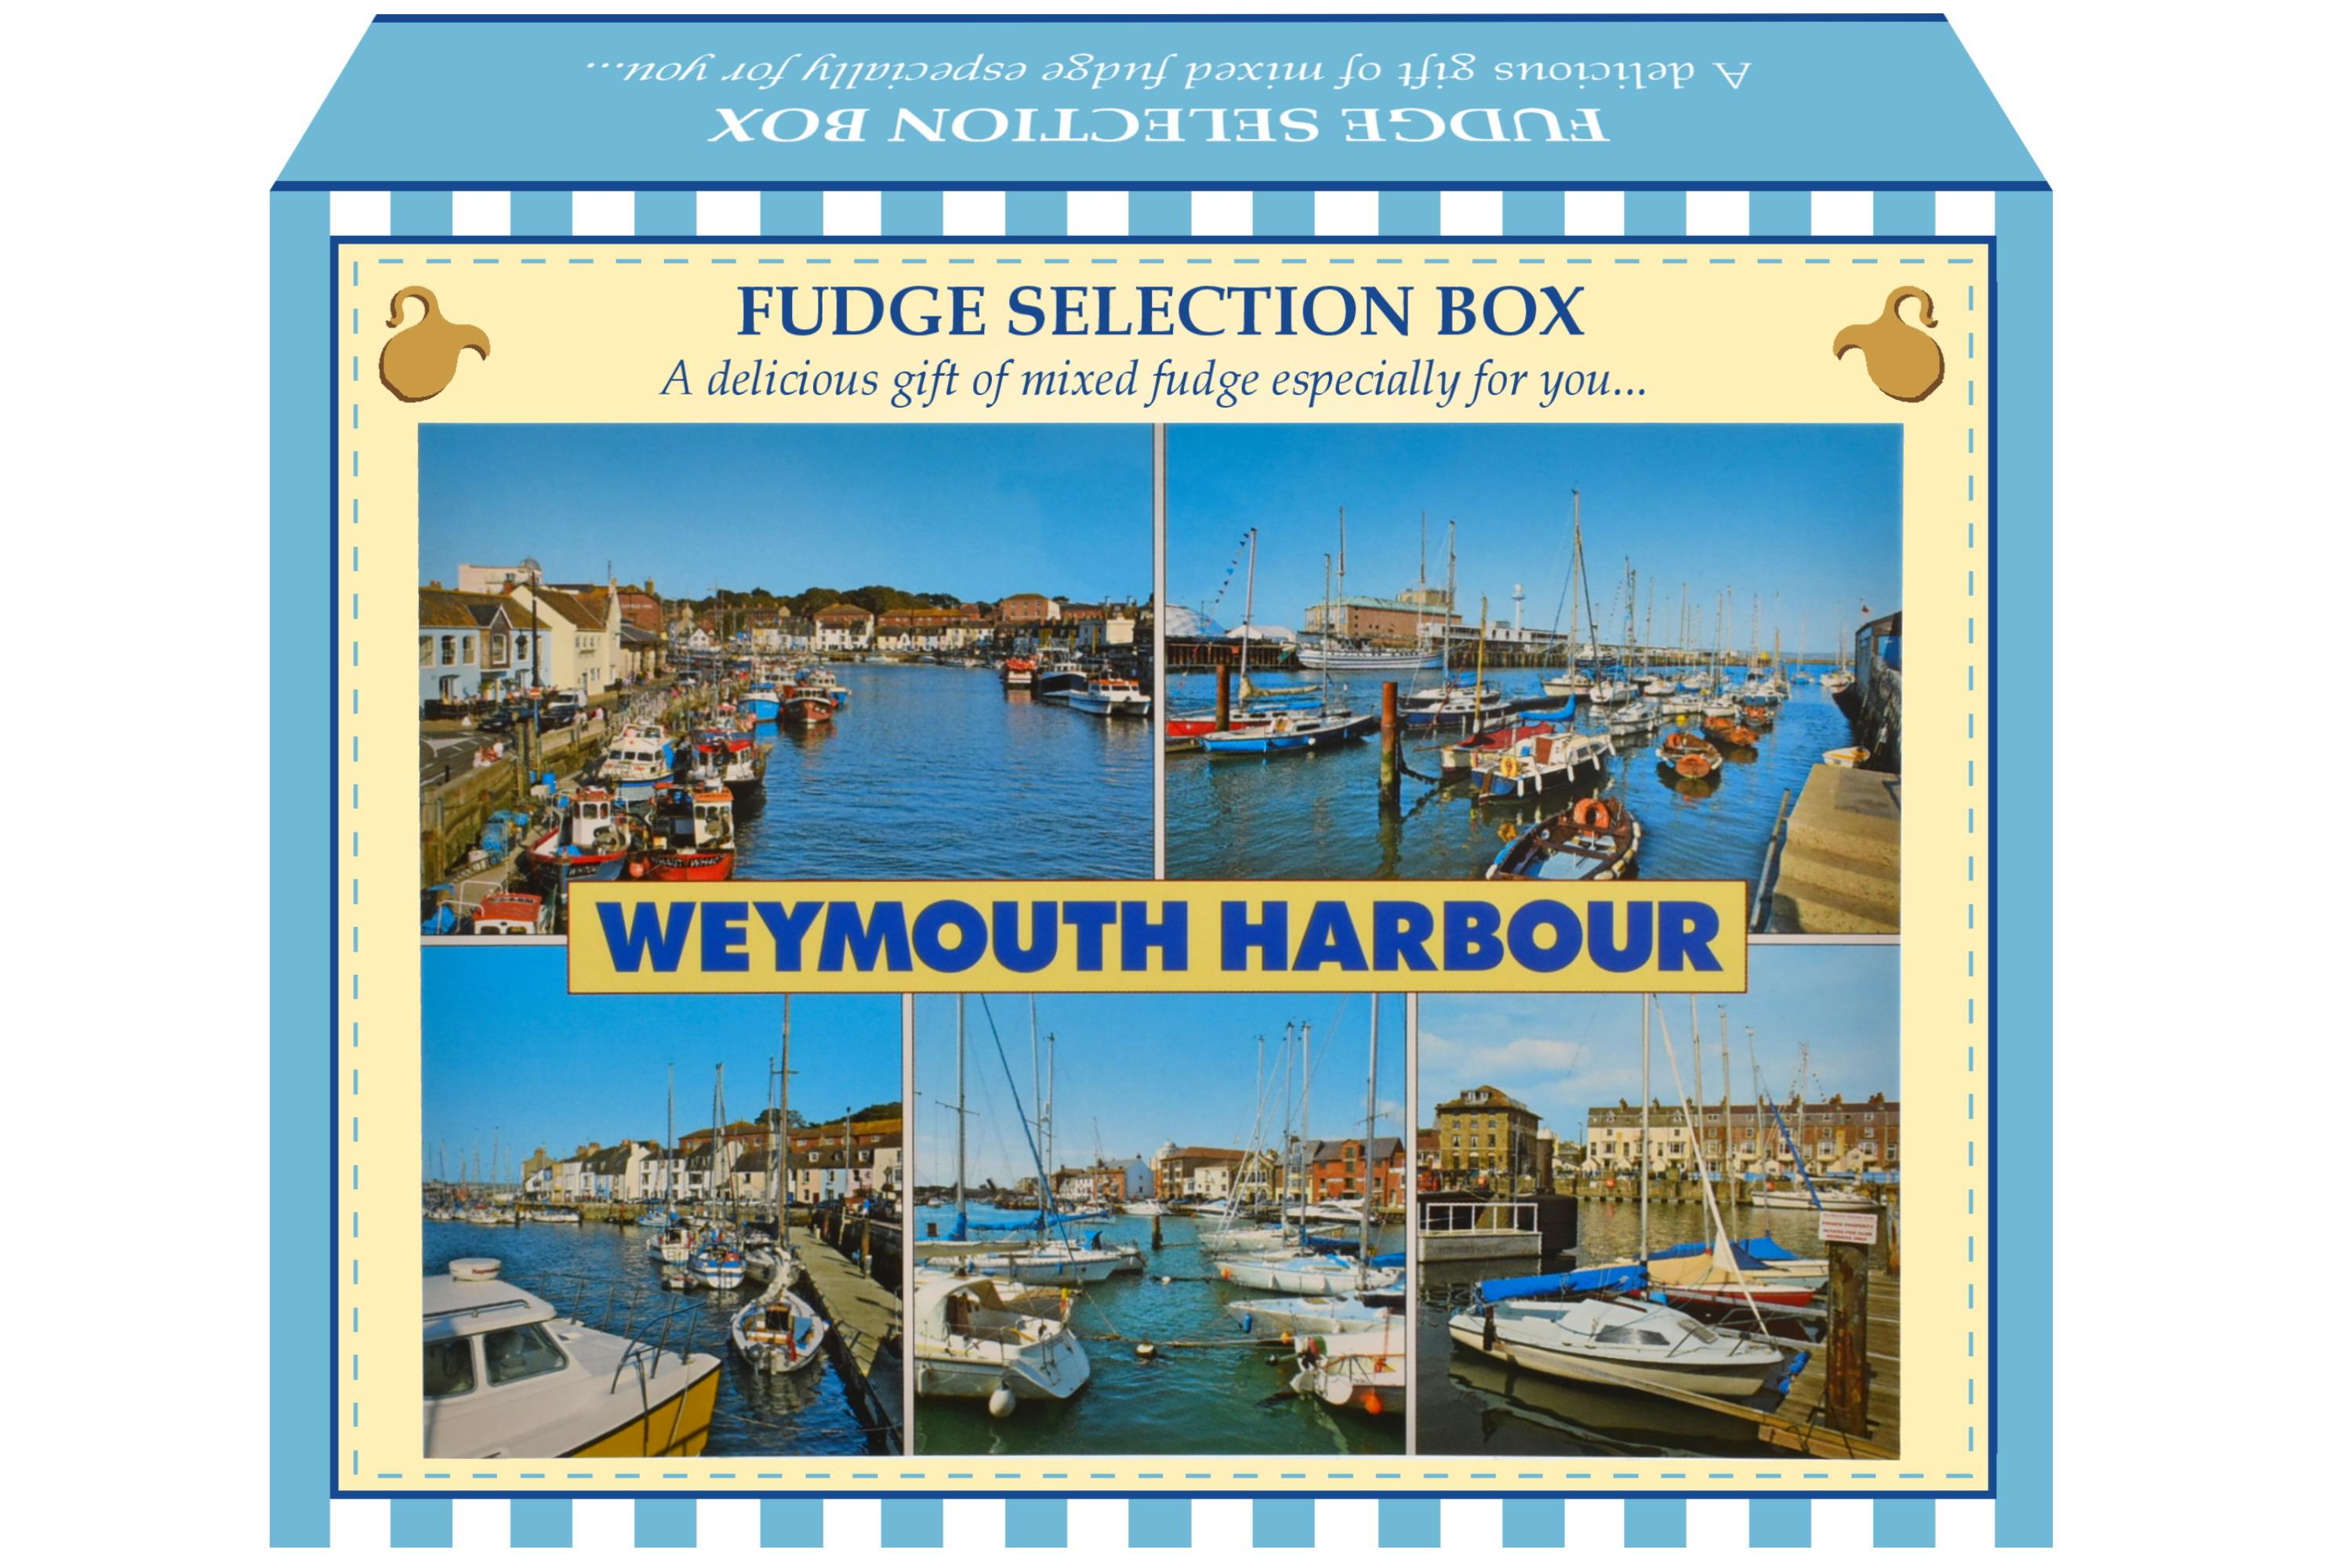 100g Mixed Fudge Postcard Gift Box